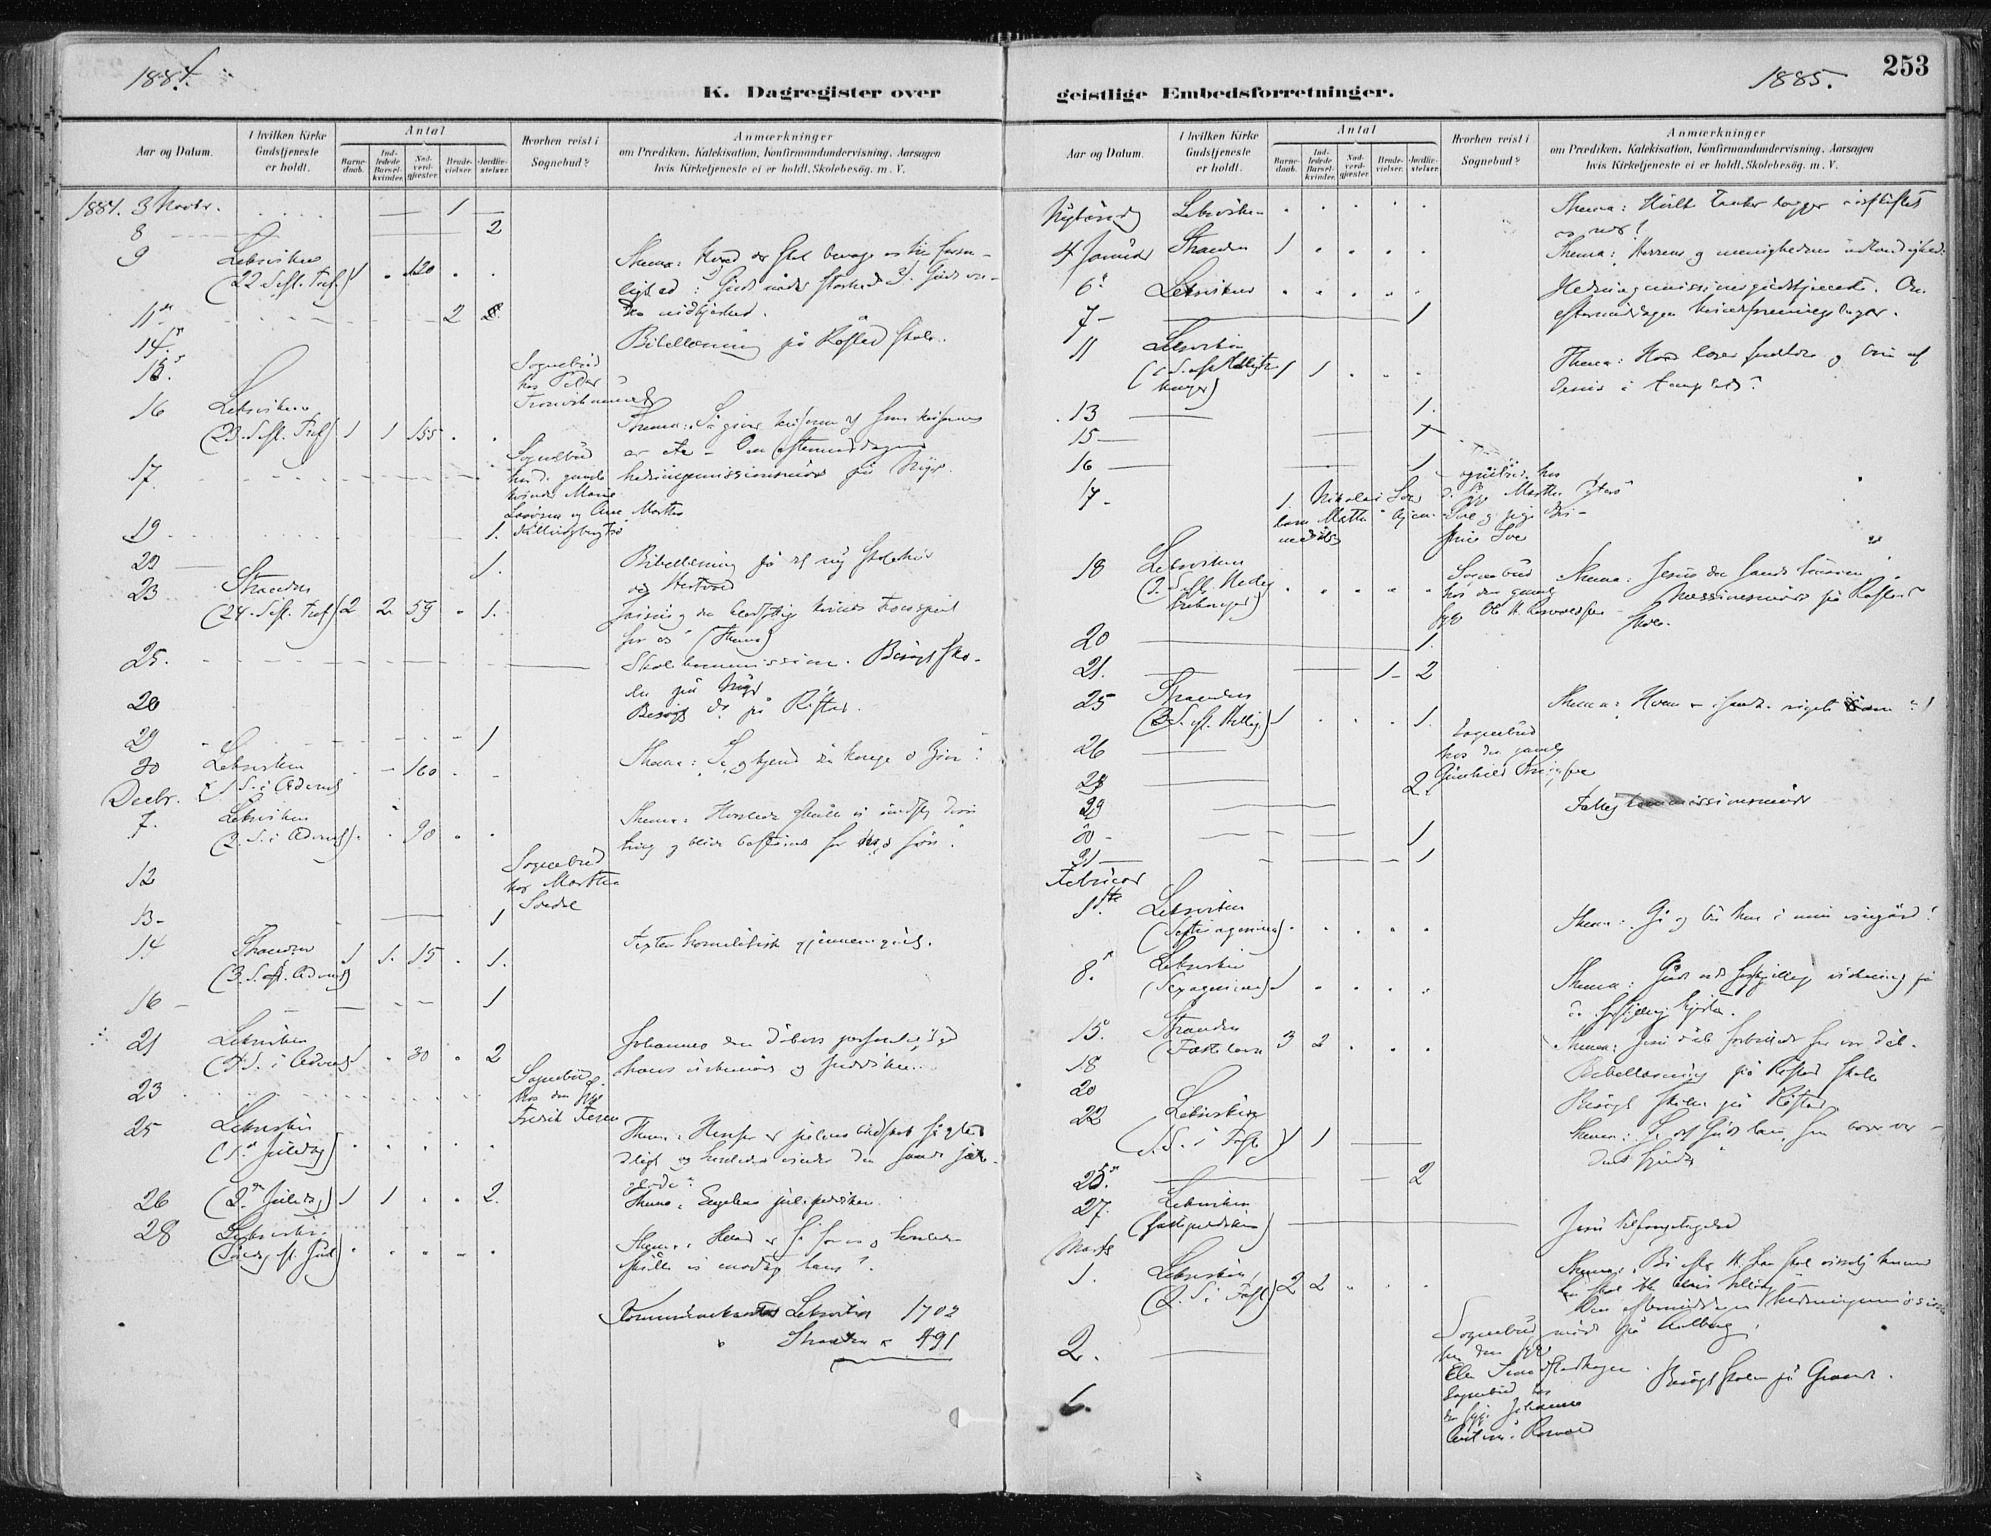 SAT, Ministerialprotokoller, klokkerbøker og fødselsregistre - Nord-Trøndelag, 701/L0010: Ministerialbok nr. 701A10, 1883-1899, s. 253